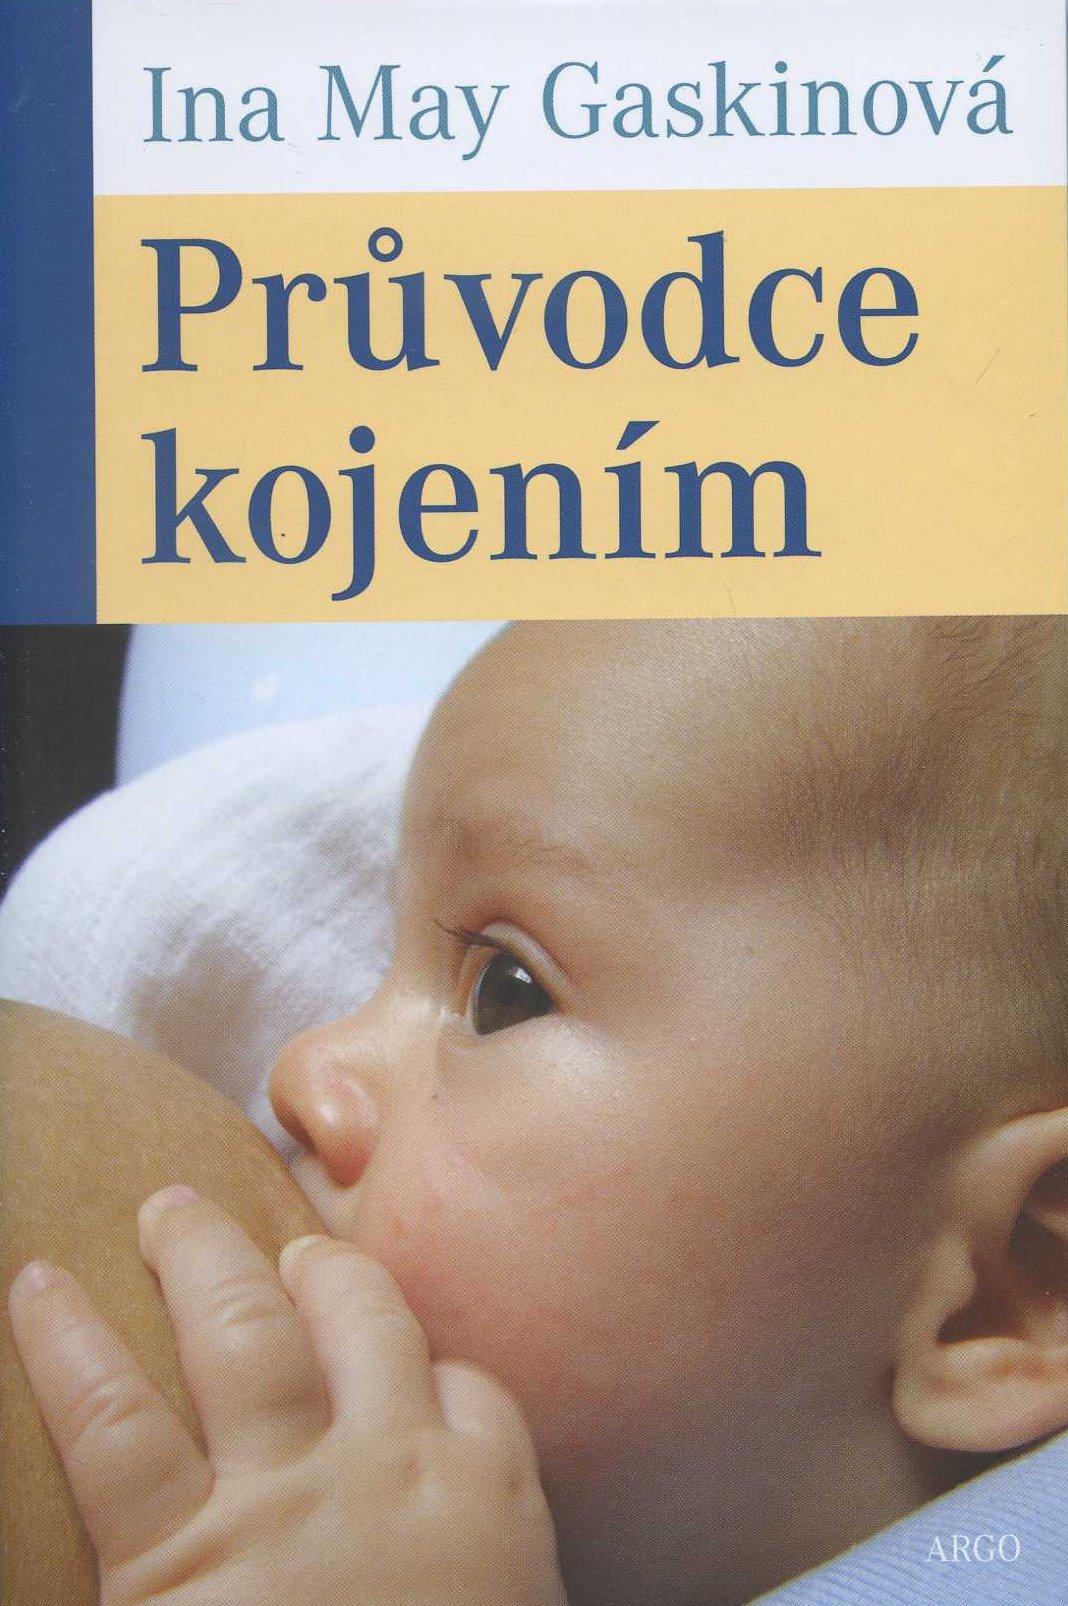 Průvodce kojením